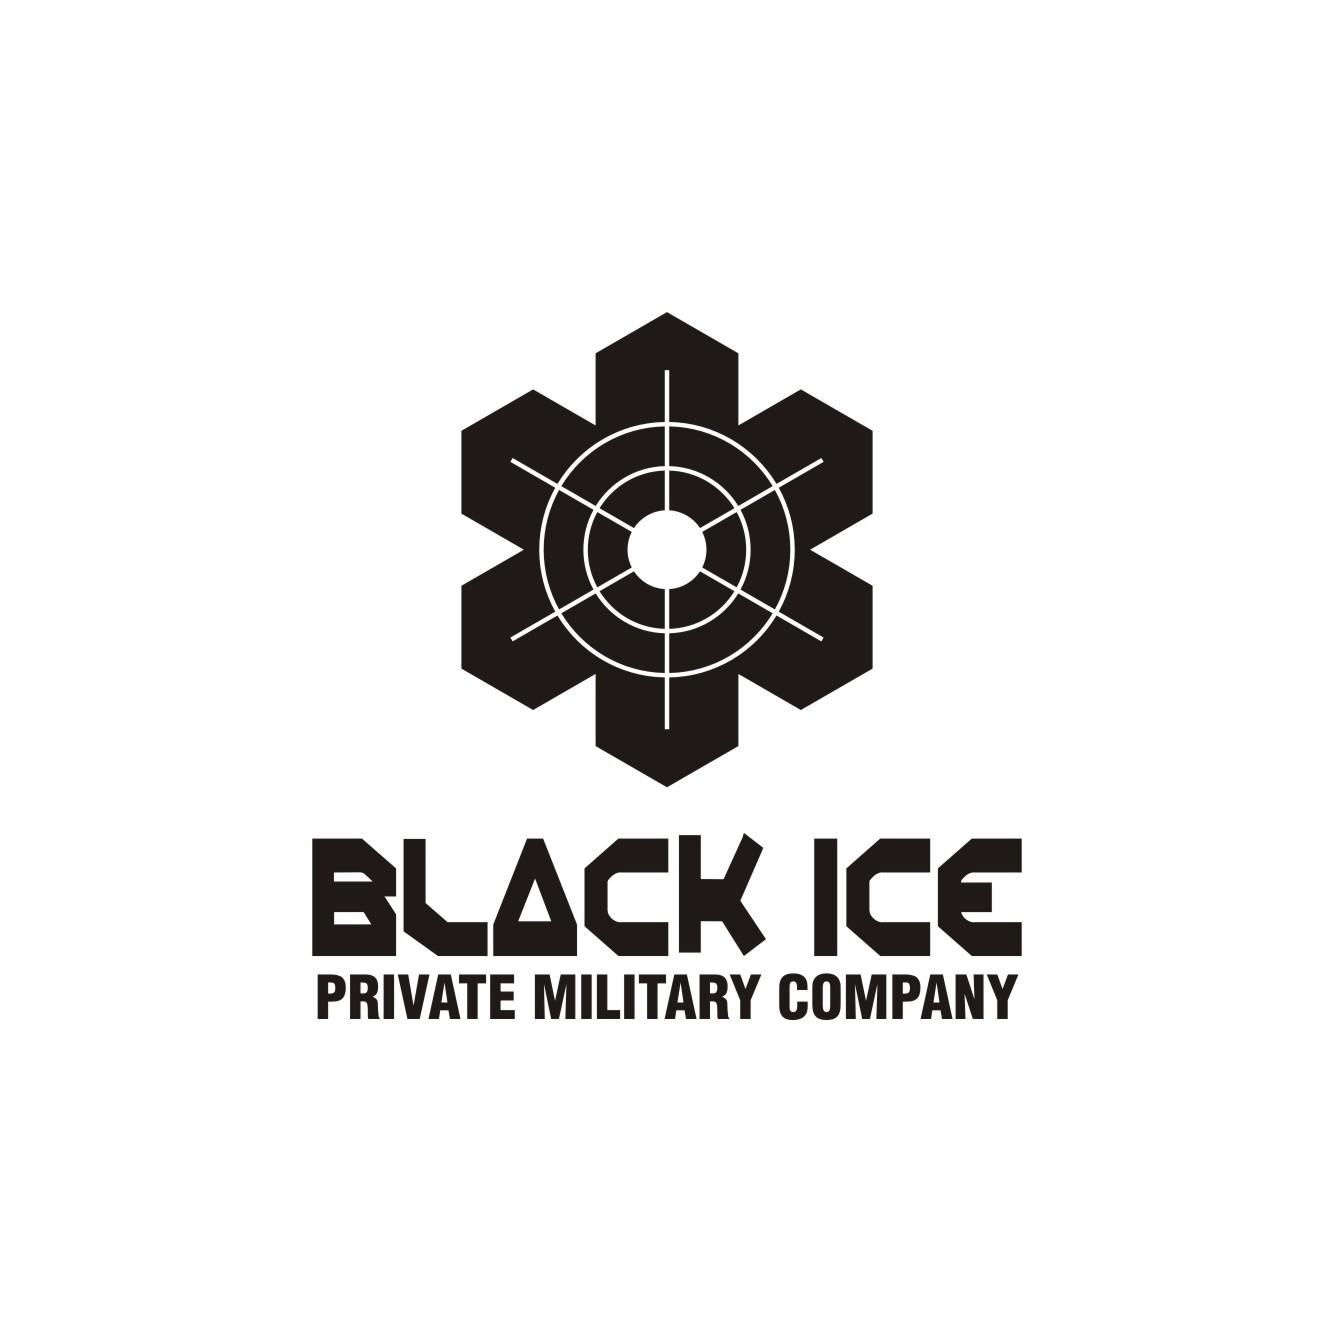 """Логотип + Фирменный стиль для компании """"BLACK ICE"""" фото f_78557172f8a930c9.jpg"""